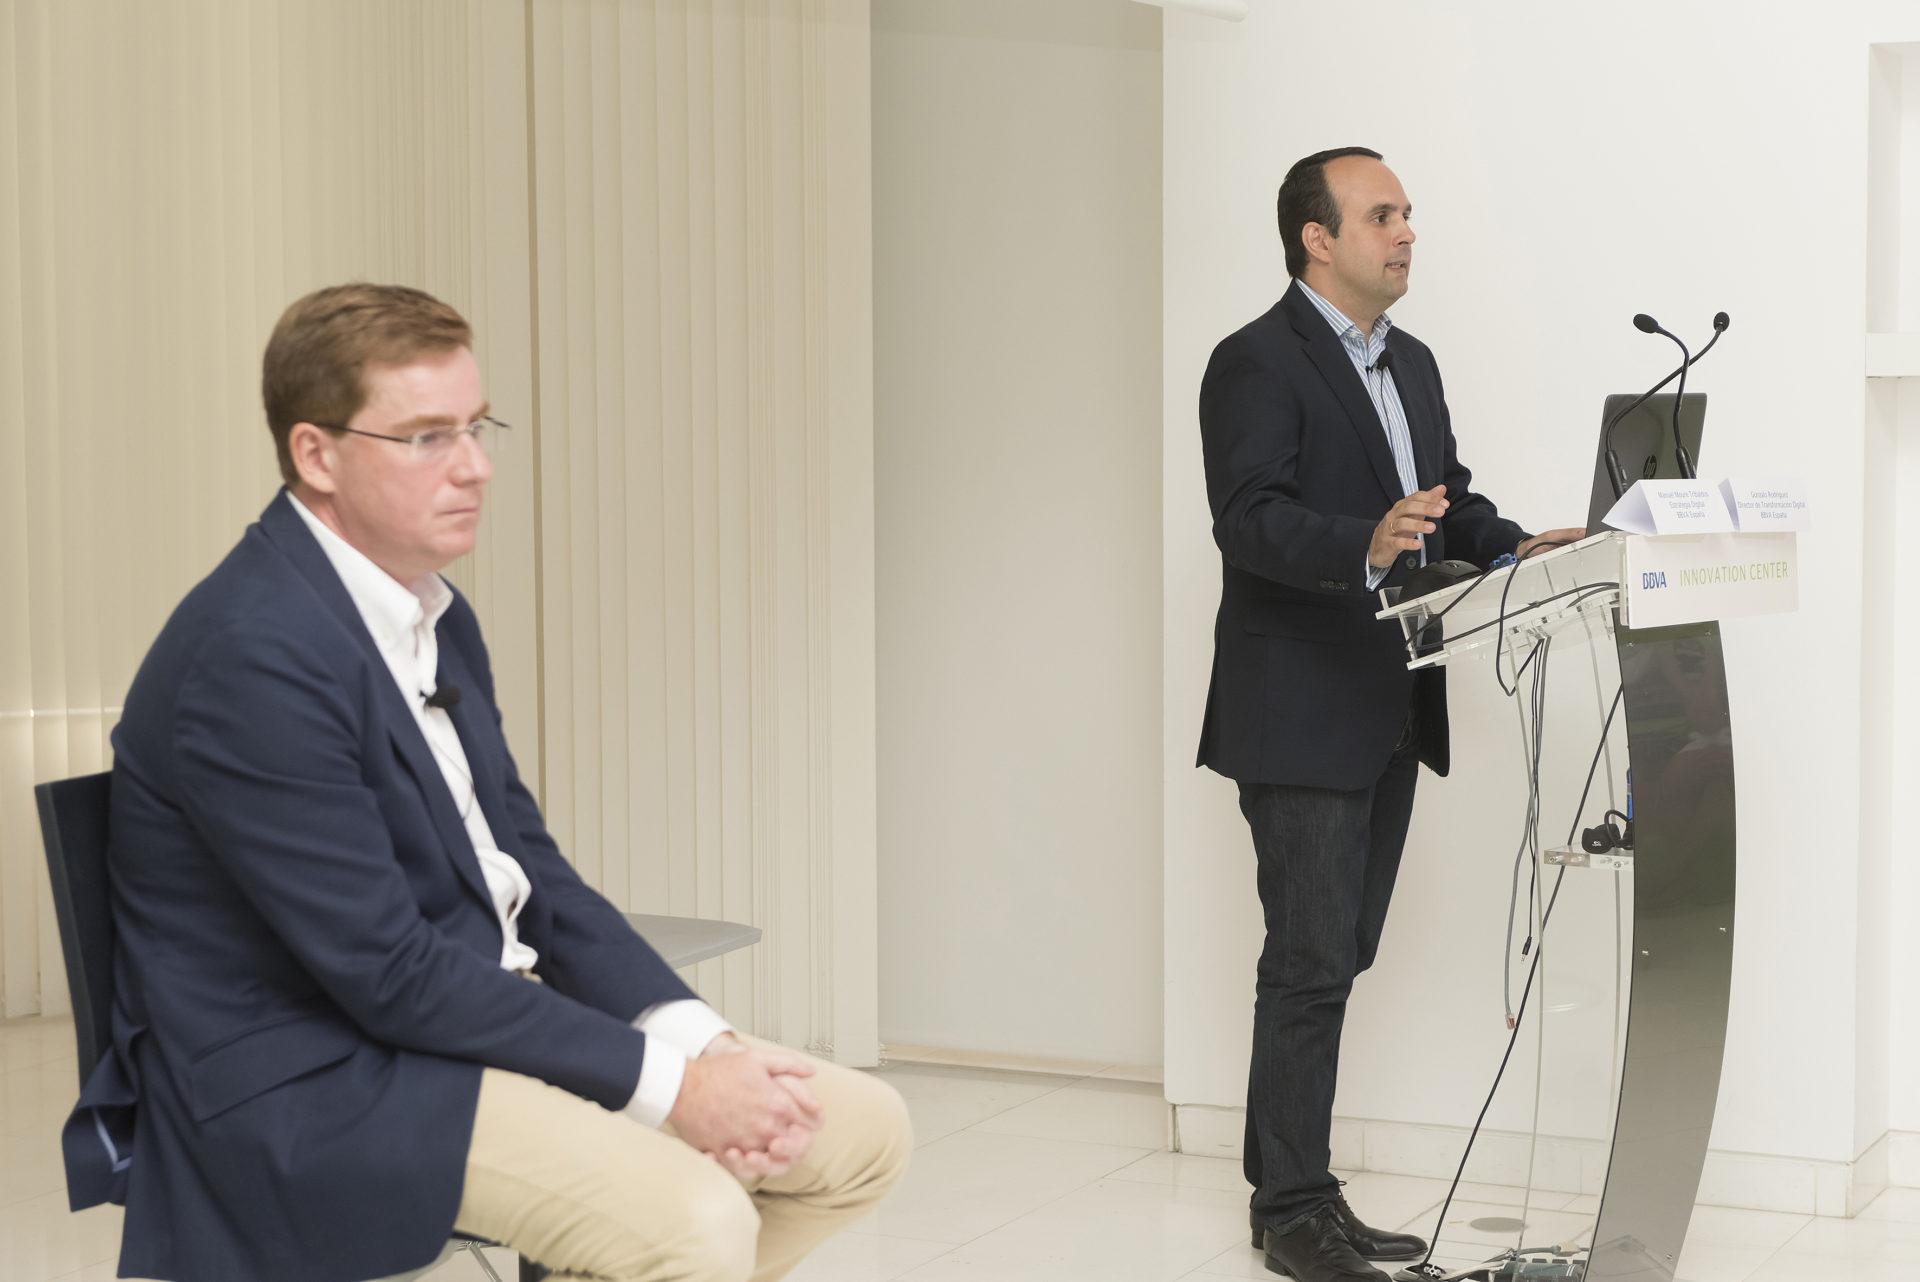 Fotografía de la presentación de la aplicación digital BBVA